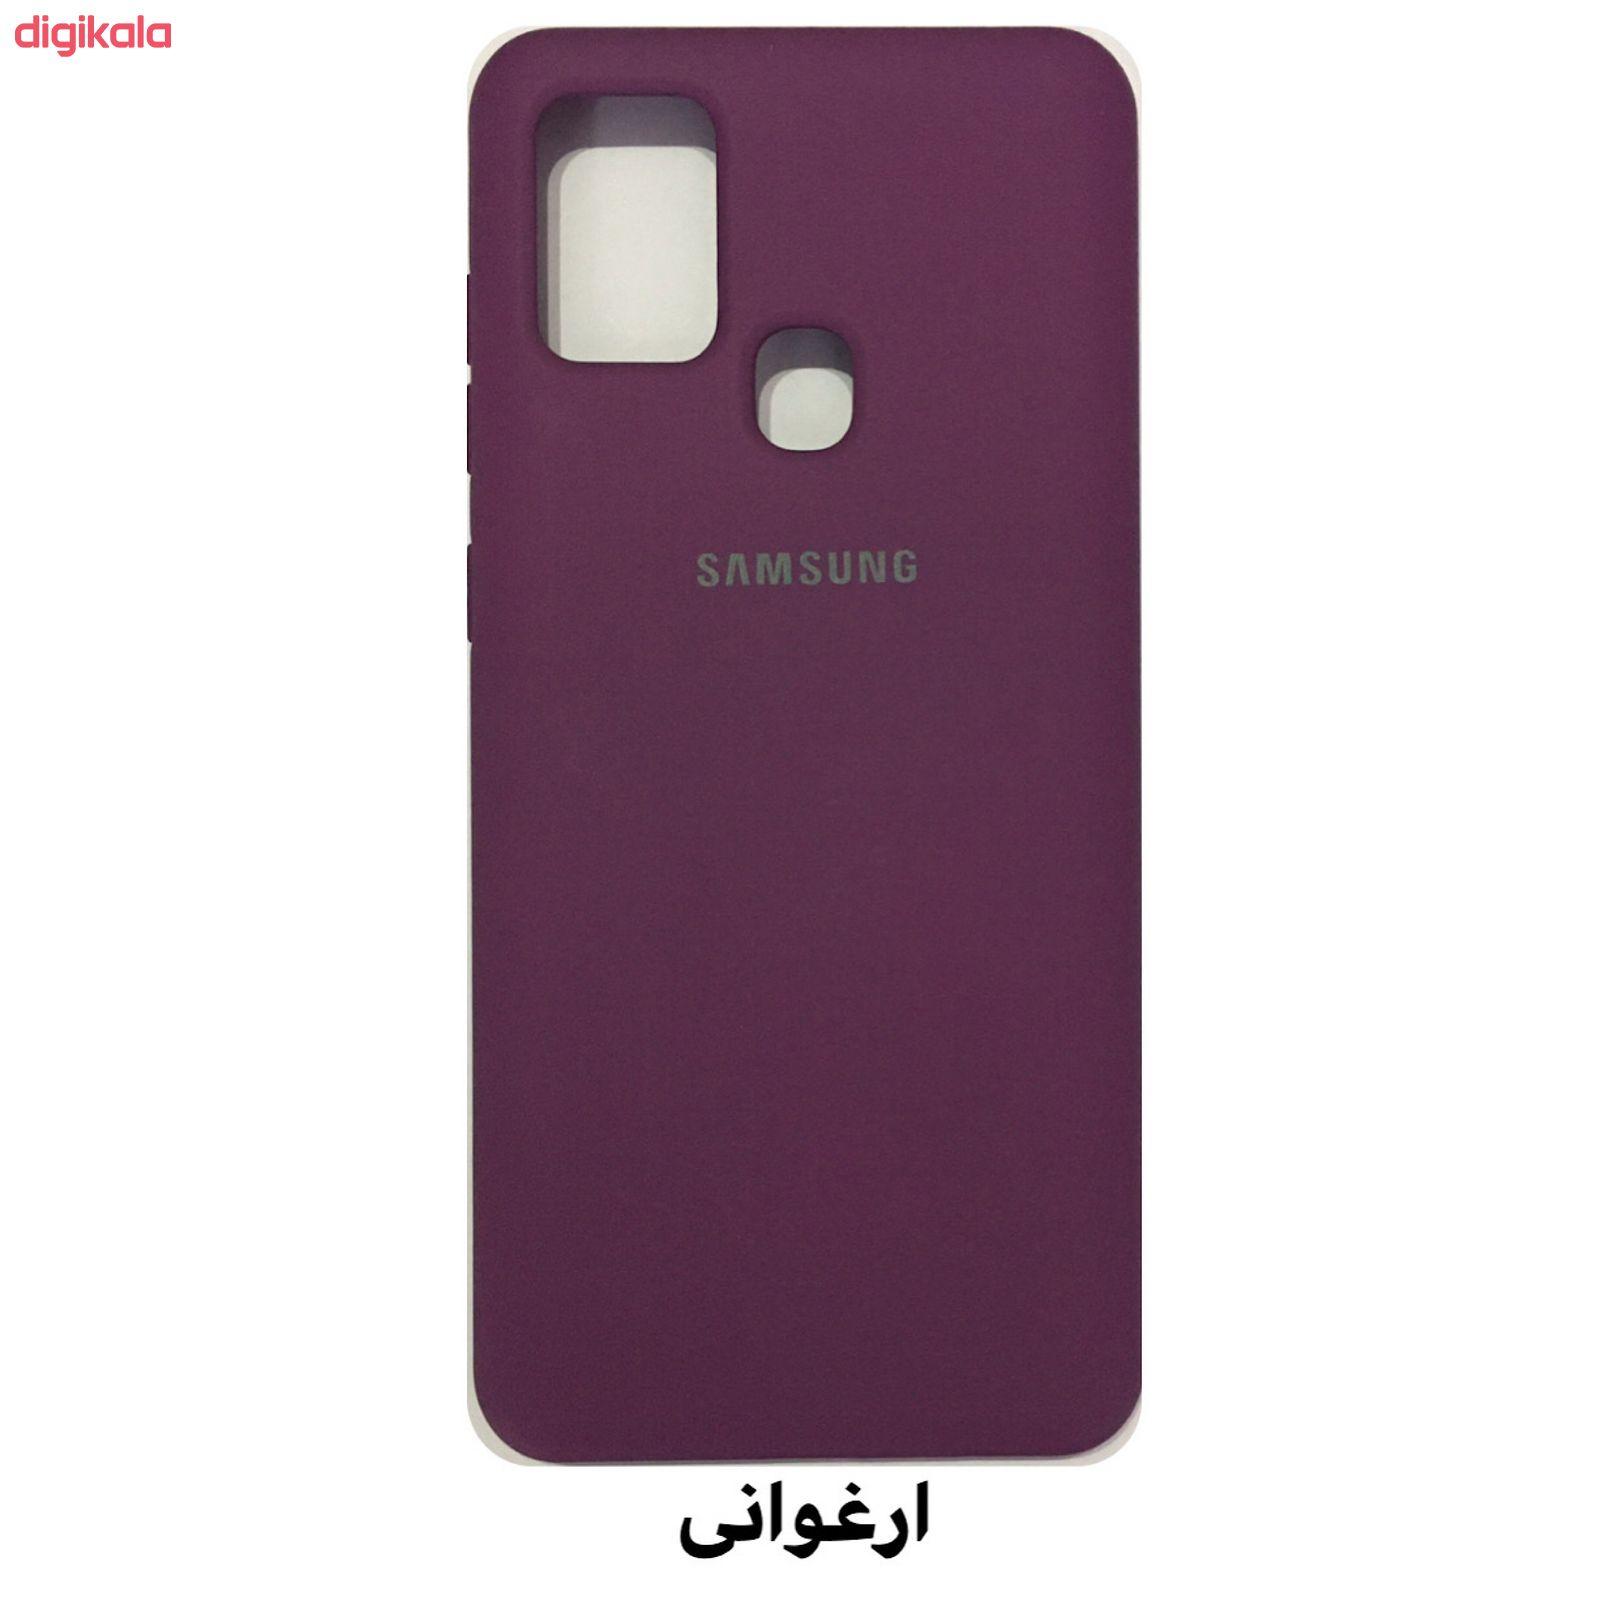 کاور مدل Sil-0021s مناسب برای گوشی موبایل سامسونگ Galaxy A21s main 1 4